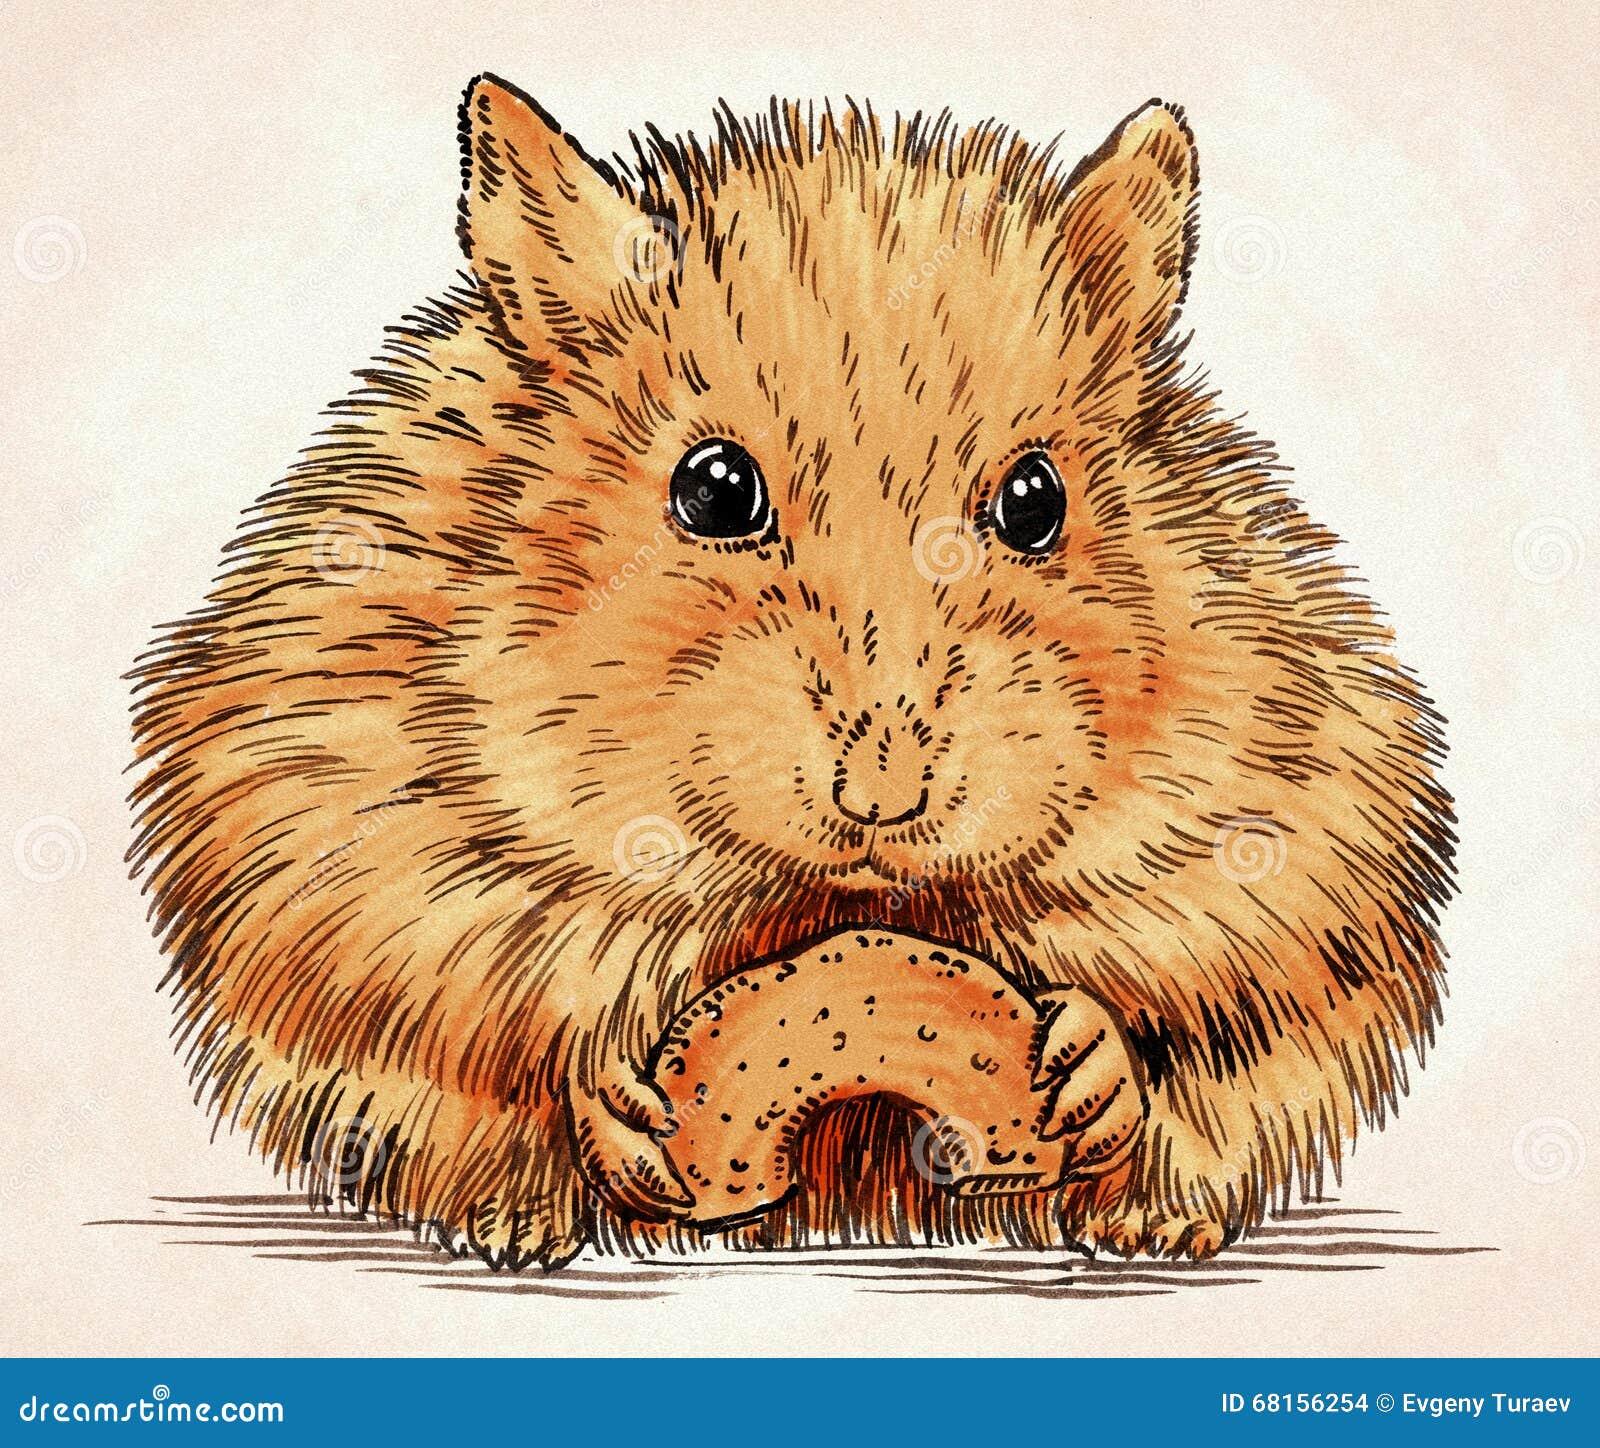 Engrave Ink Draw Hamster Illustration Stock Illustration ...